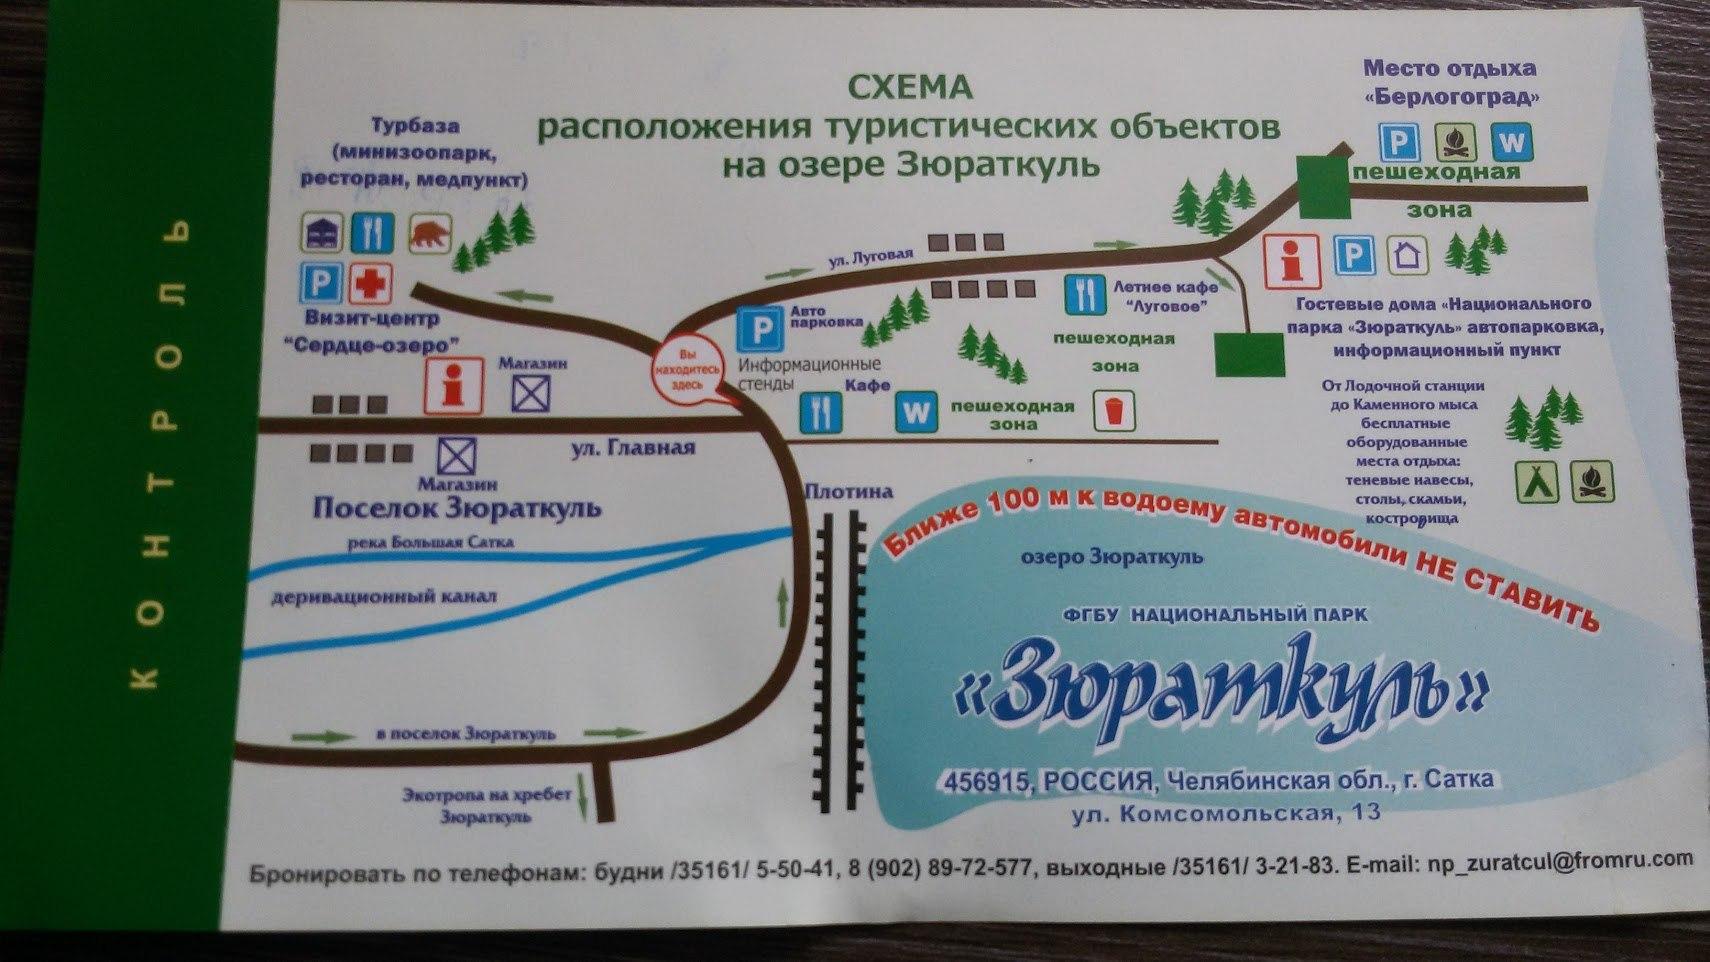 Поселок Зюраткуль. Билет в национальный парк Зюраткуль